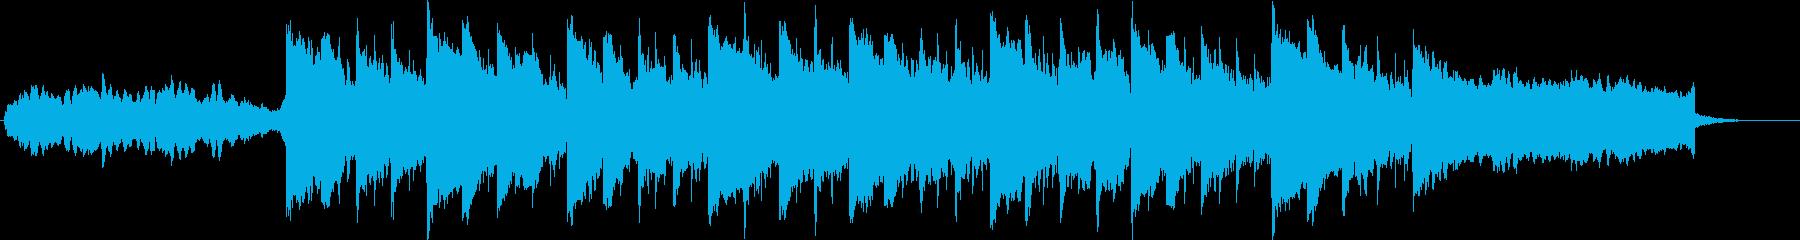 幻想的・未来的なインスピレーションBGMの再生済みの波形